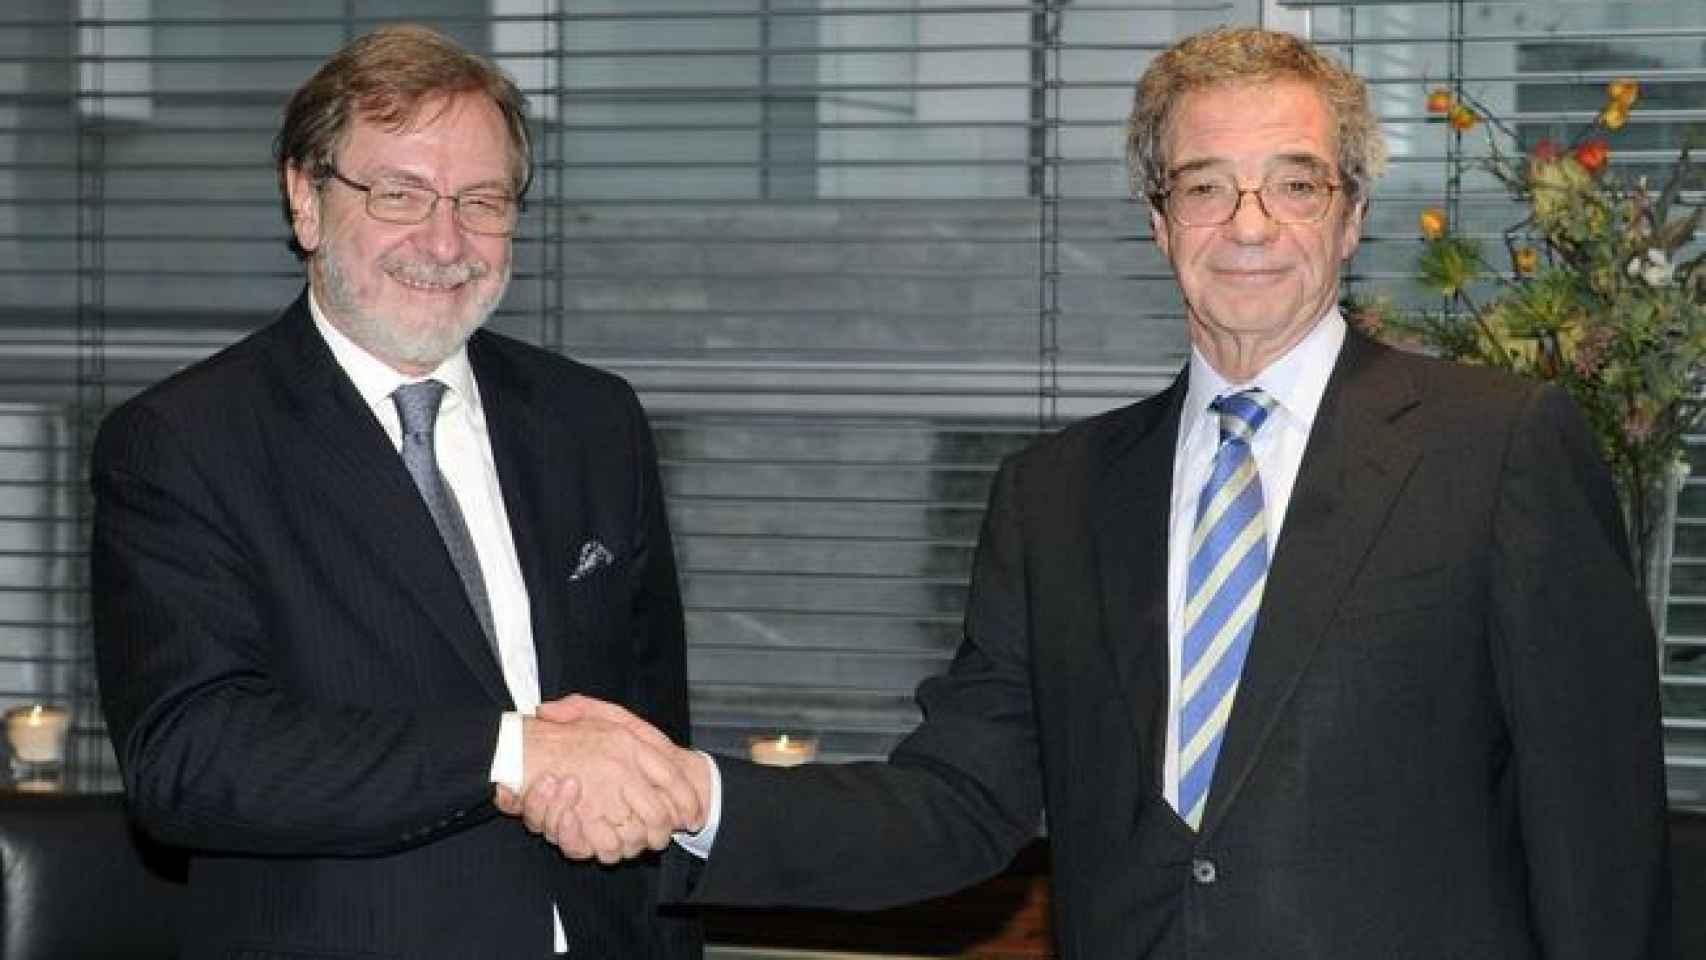 Juan Luis Cebrián y César Alierta cuando acordaron la venta de Digital Plus.